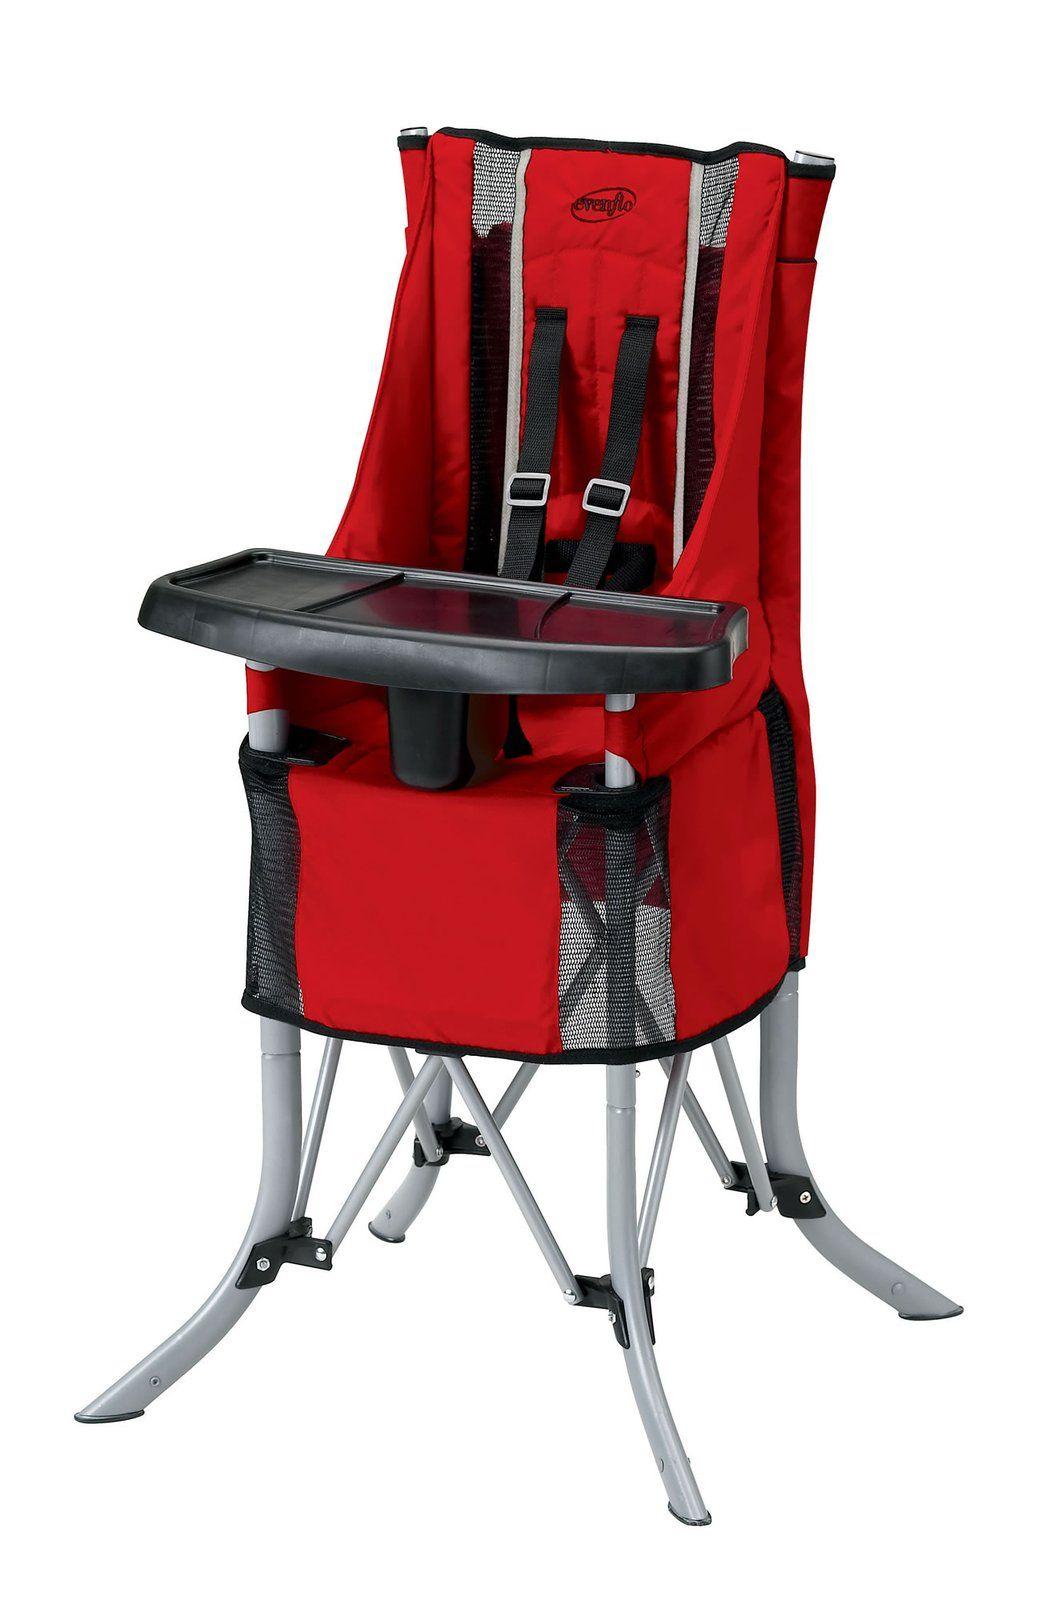 Wonderful Evenflo BabyGo Travel High Chair   Red   Best Price